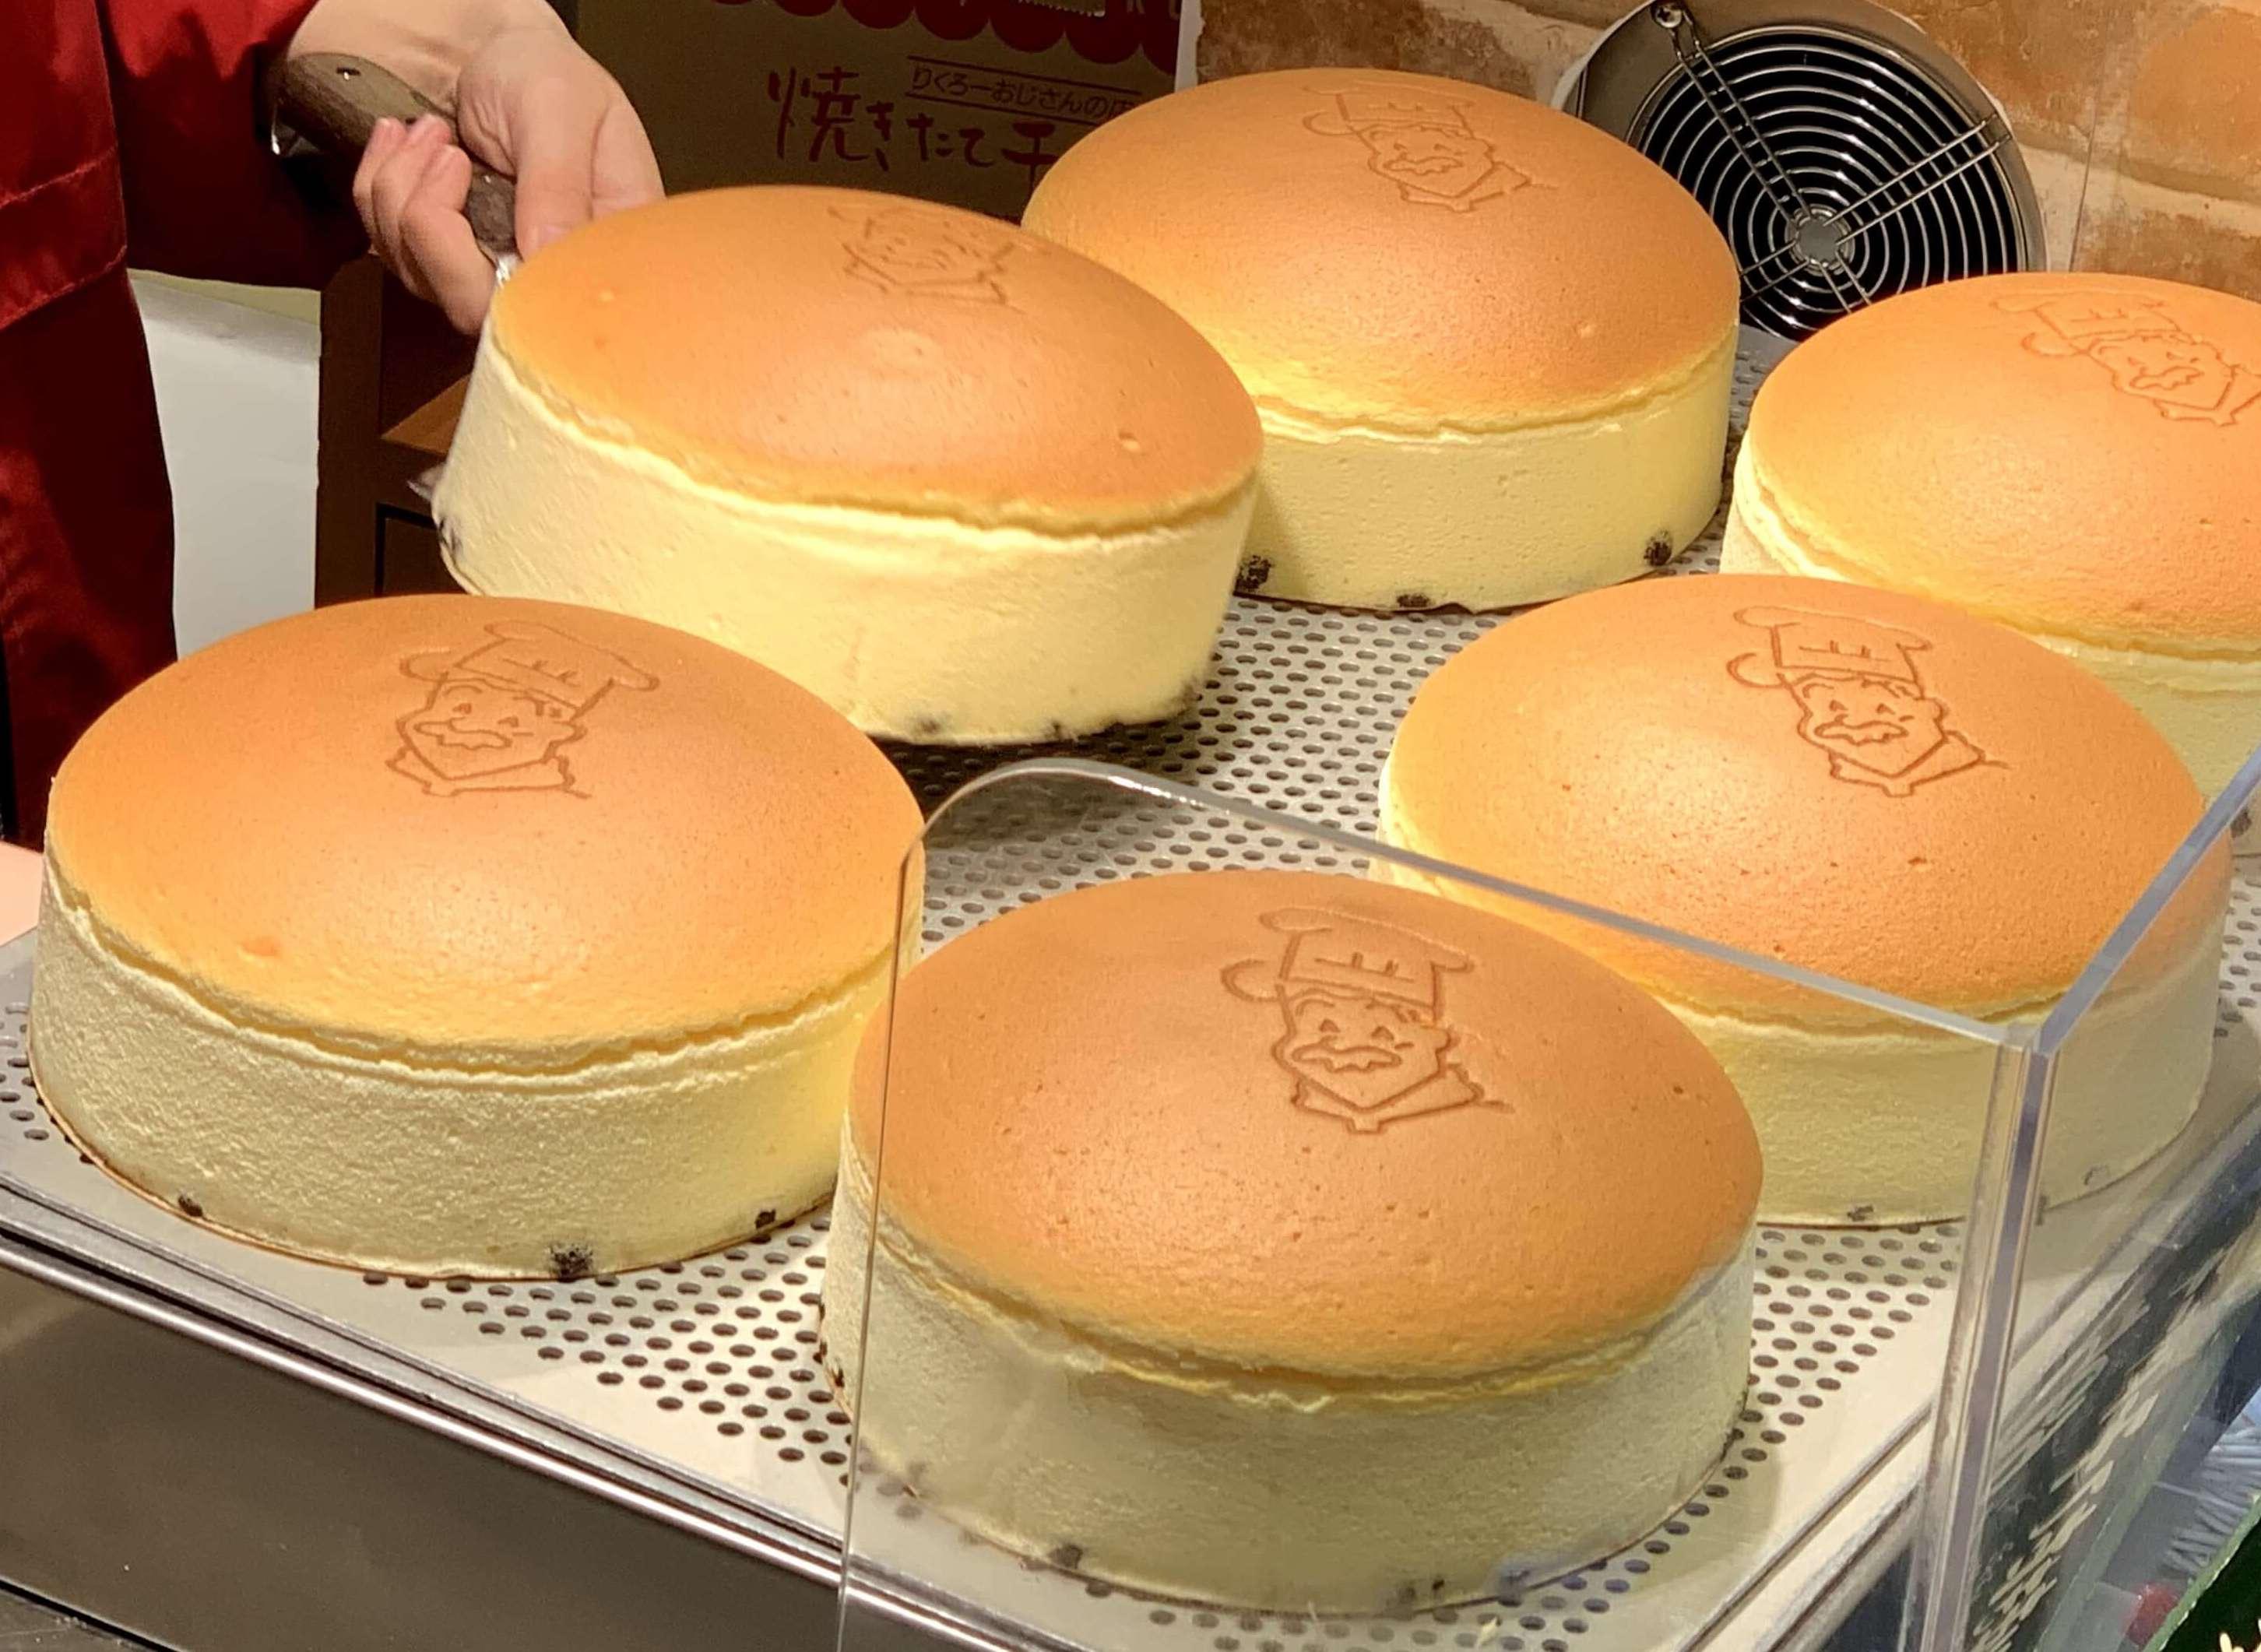 最強のふわふわ感】りくろーおじさんのチーズケーキ!驚愕の美味しさ! | 何でもプラス思考